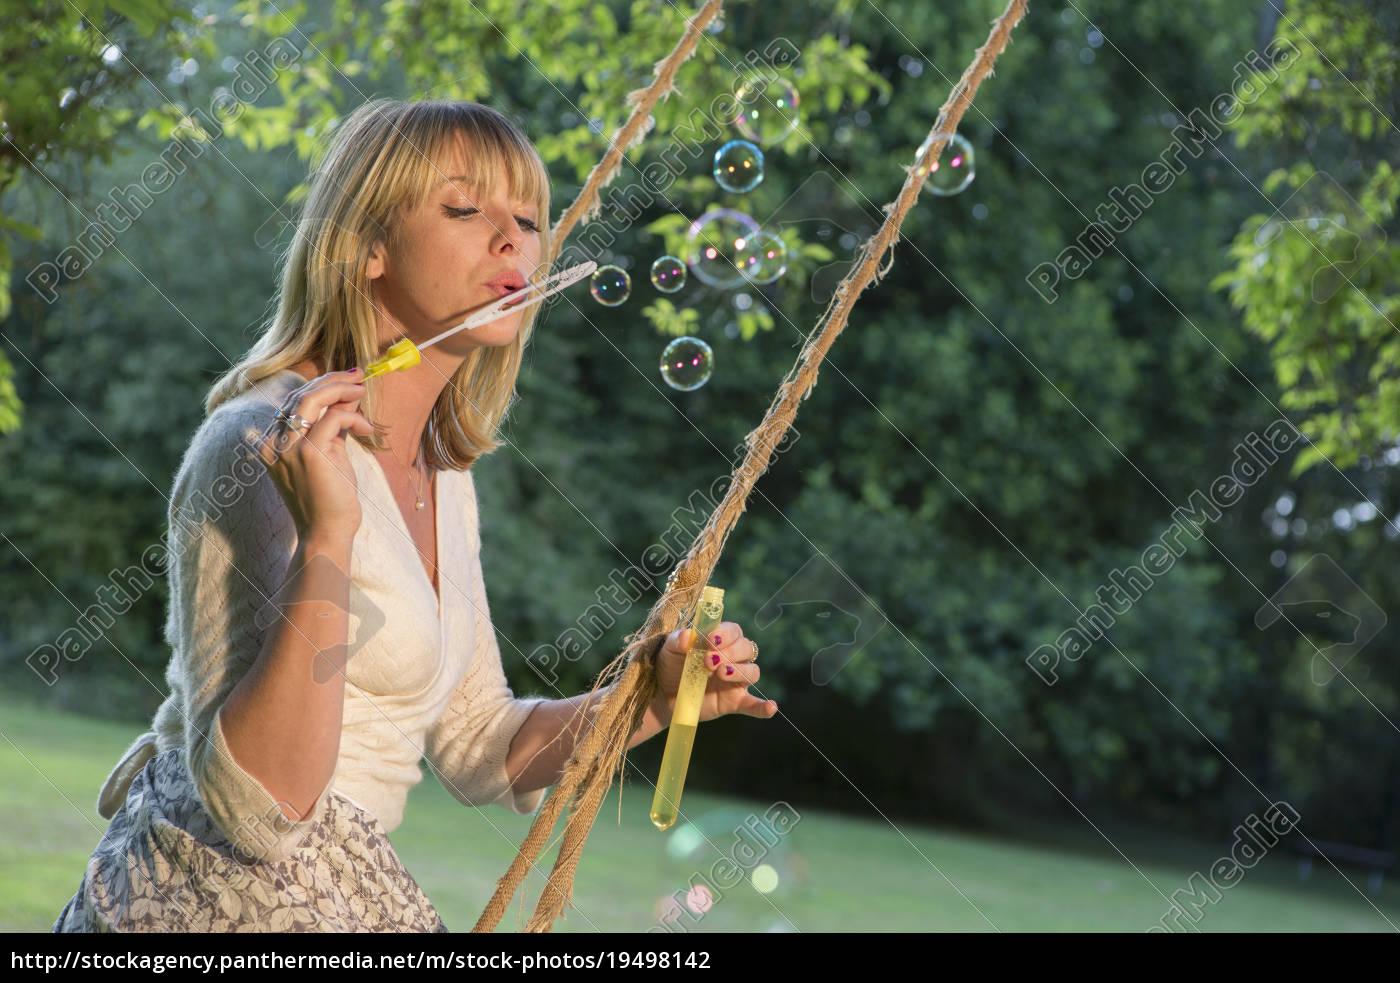 donna, su, altalena, che, soffia, bolle - 19498142